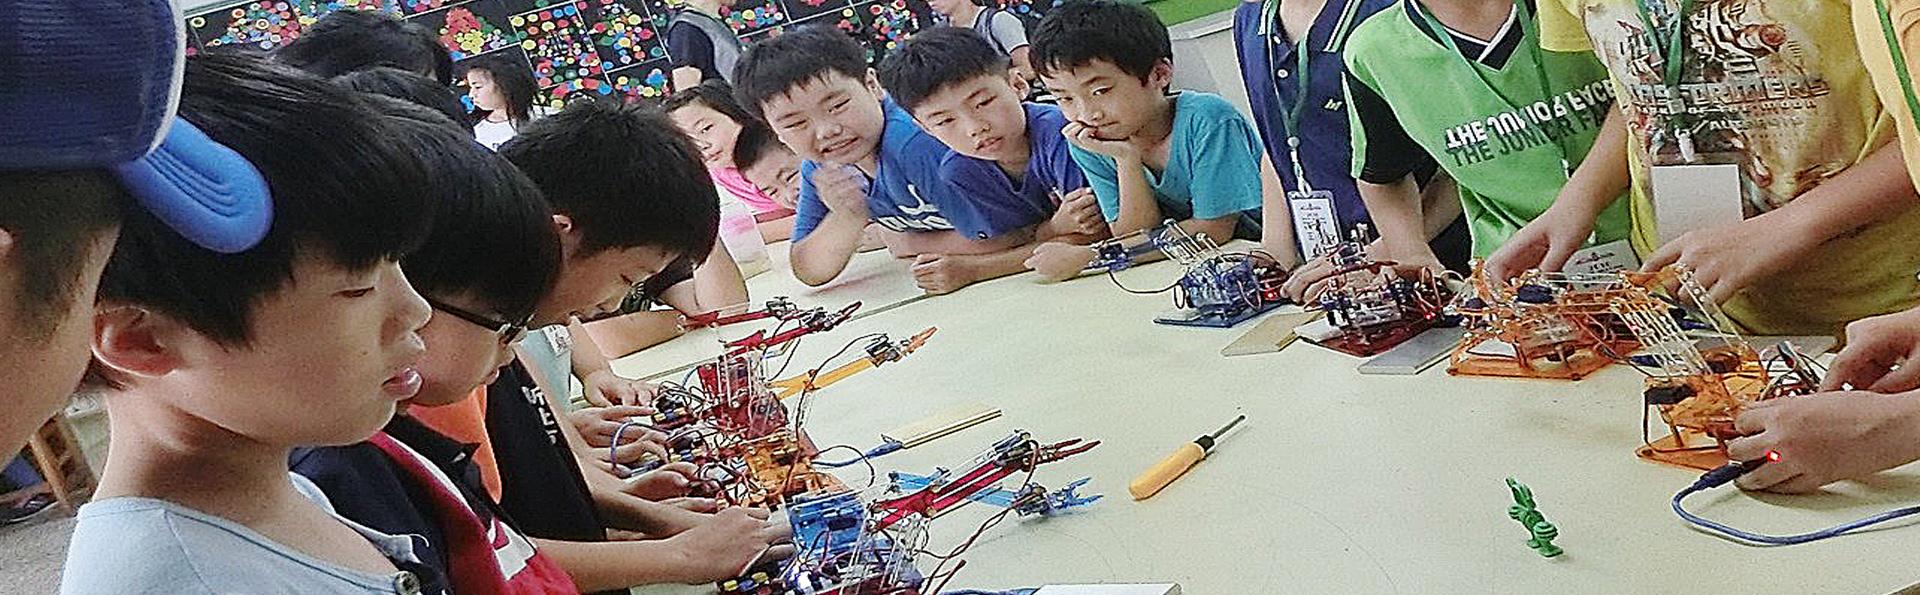 參加夏令營的孩子個個專注地聽著比賽號令的發聲